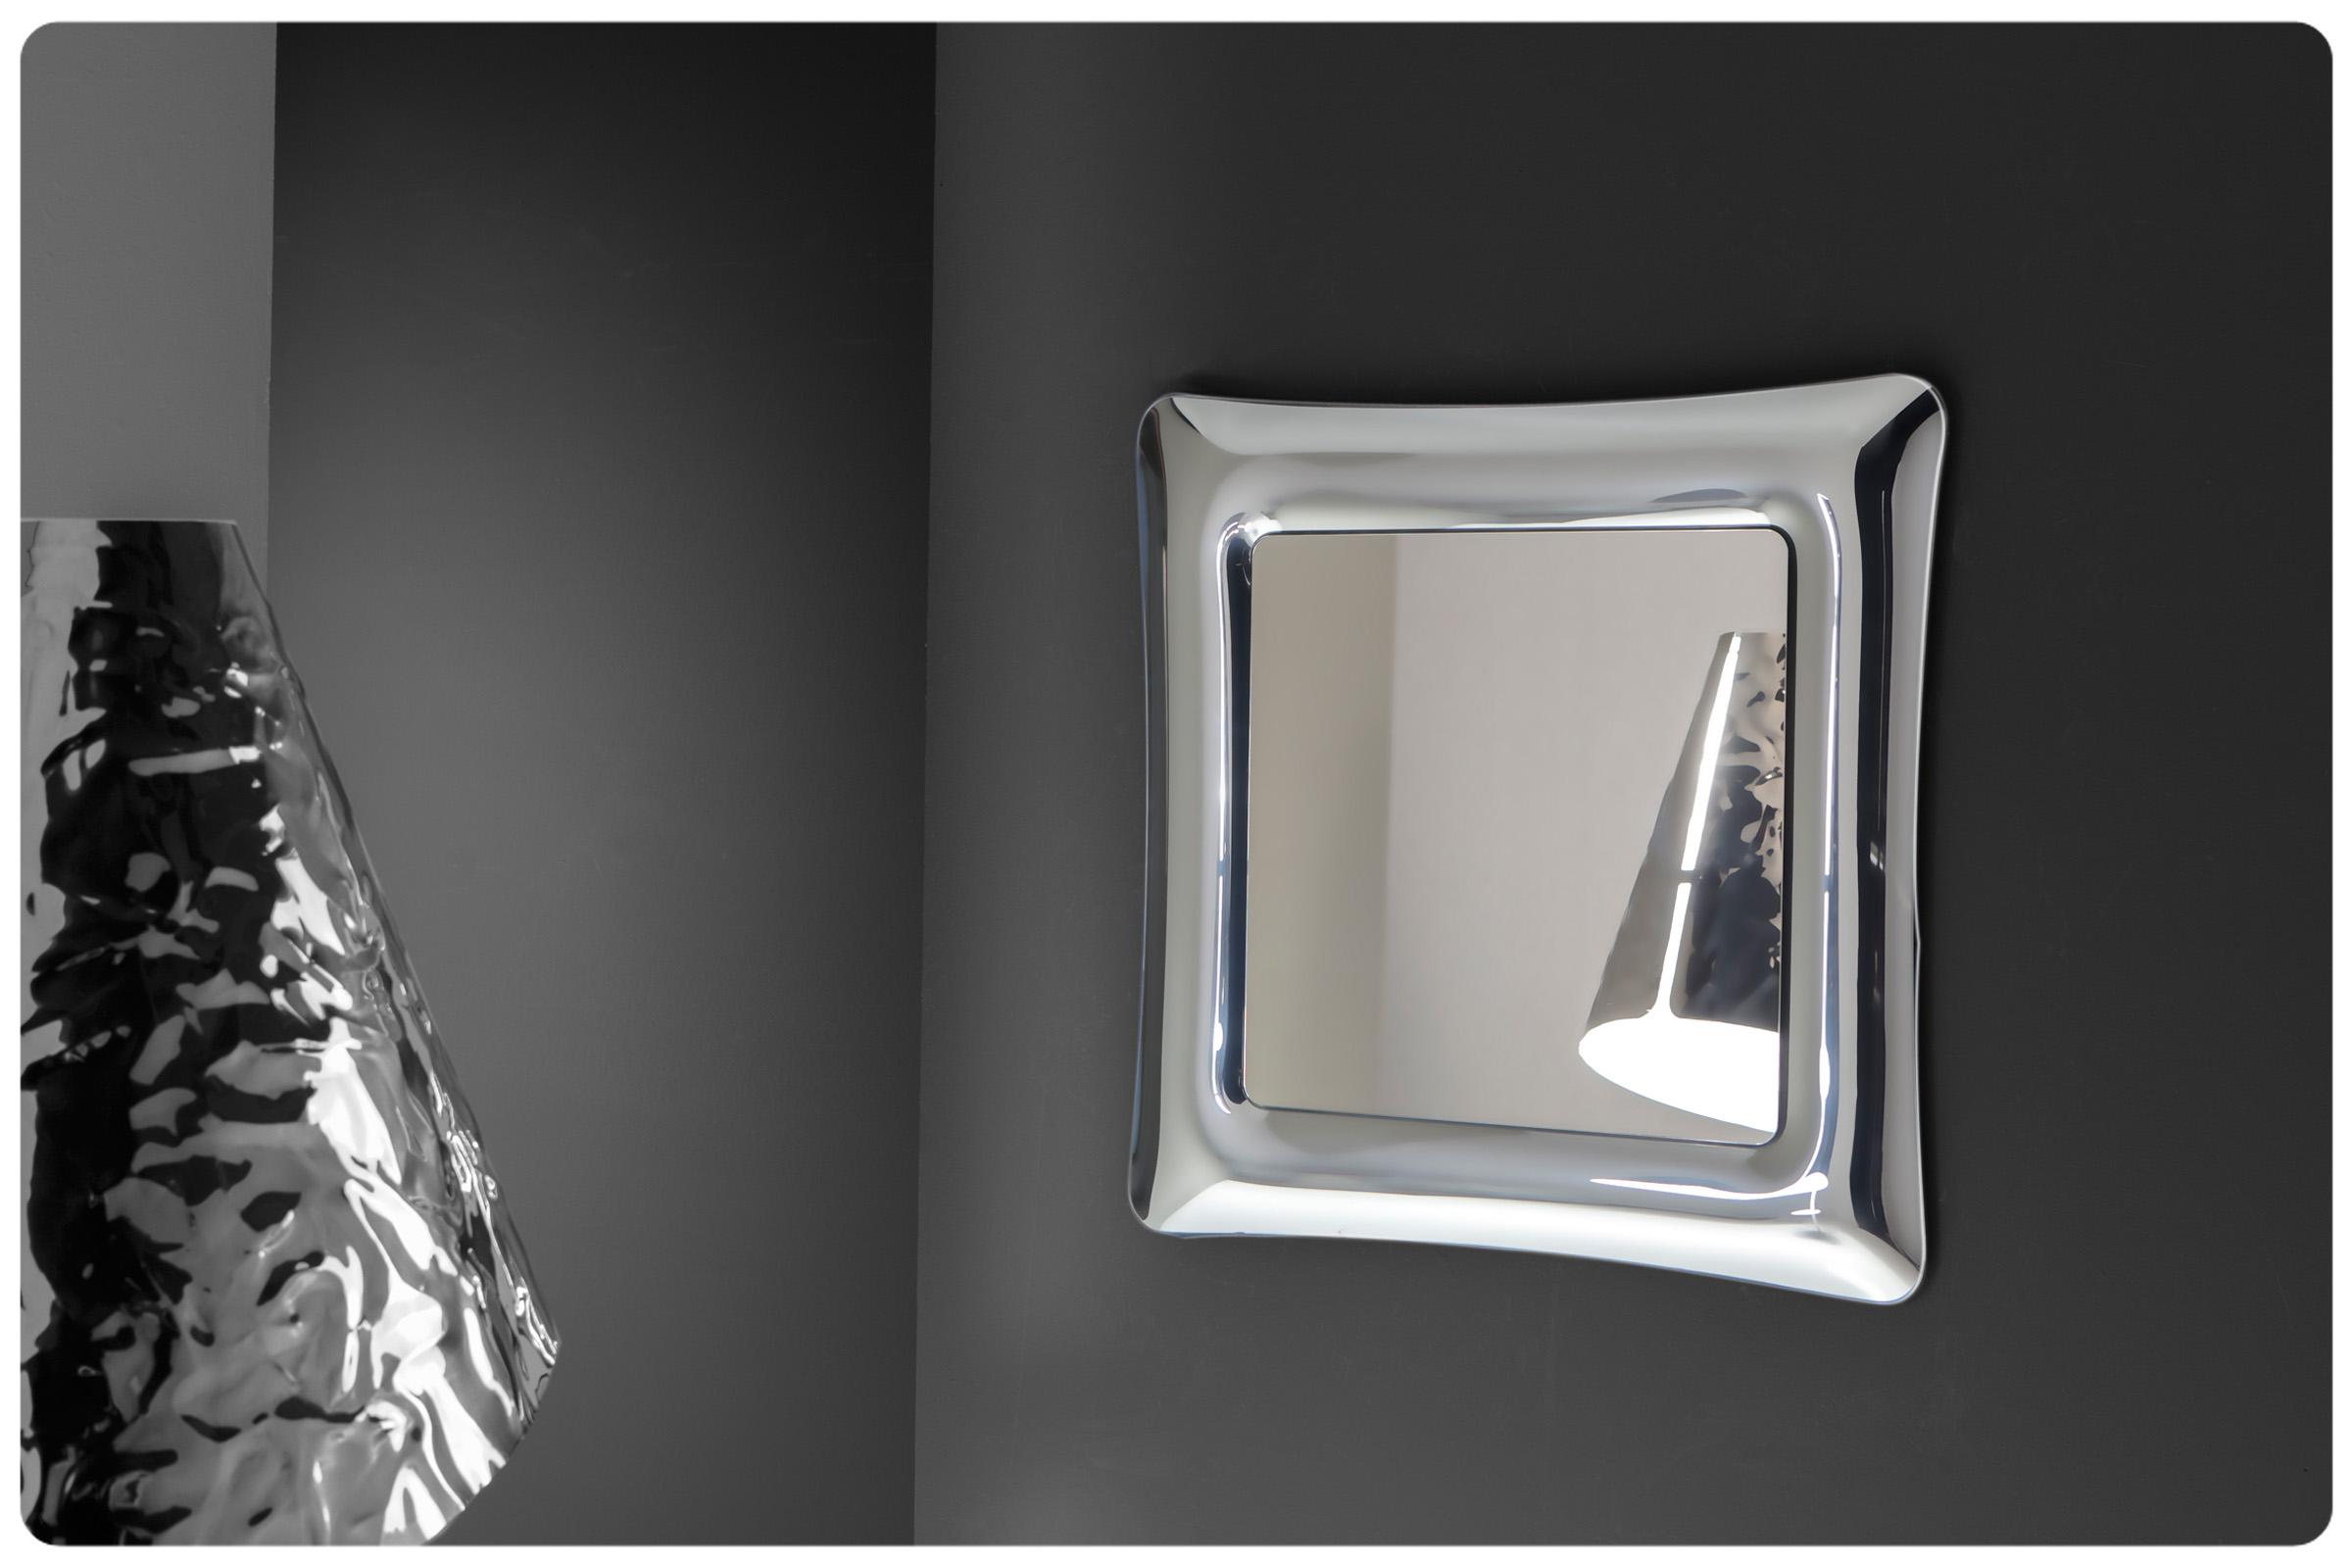 Specchi - Tavoli sedie consolle classici e moderni - Milano Monza e Brianza